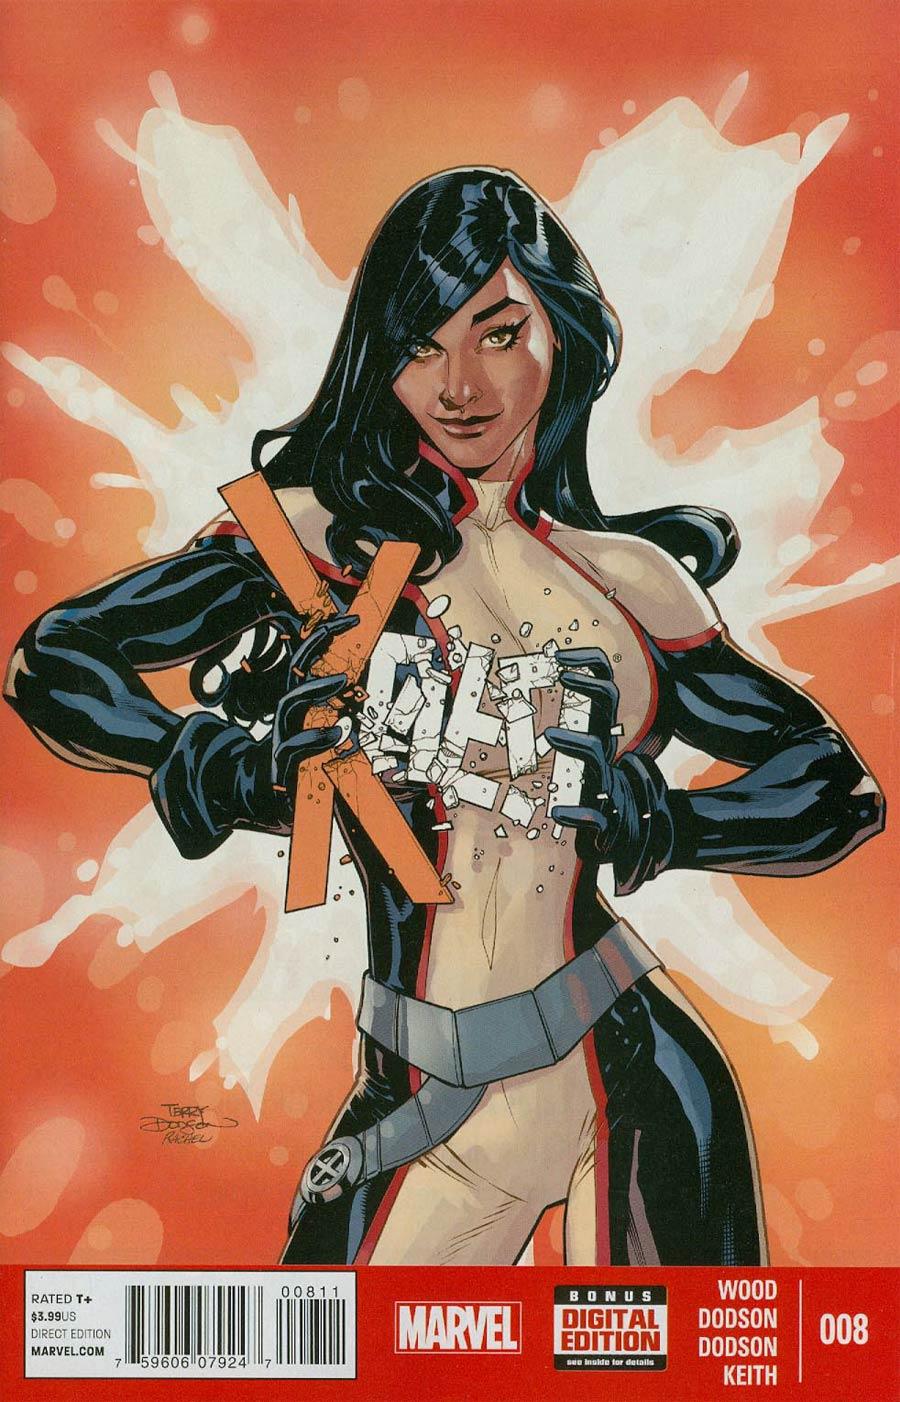 X-Men Vol 4 #8